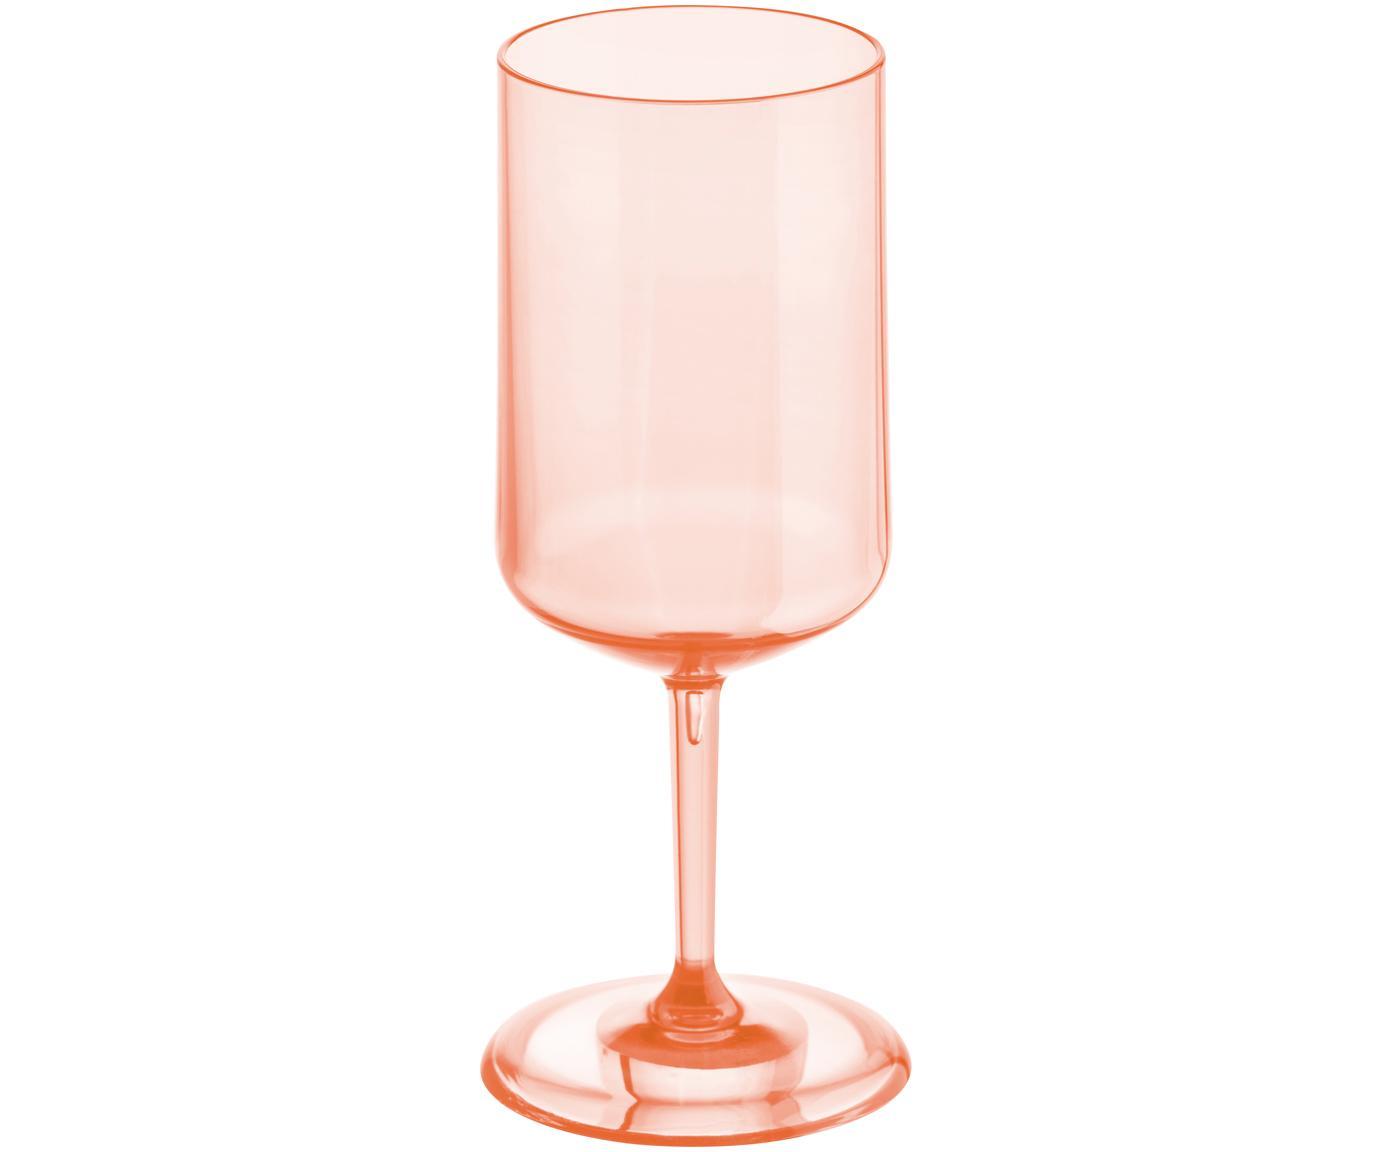 Bicchiere da vino bianco Cheers, Materiale sintetico termoplastico (Superglass), Rosa quarzo trasparente, Ø 9 x Alt. 21 cm